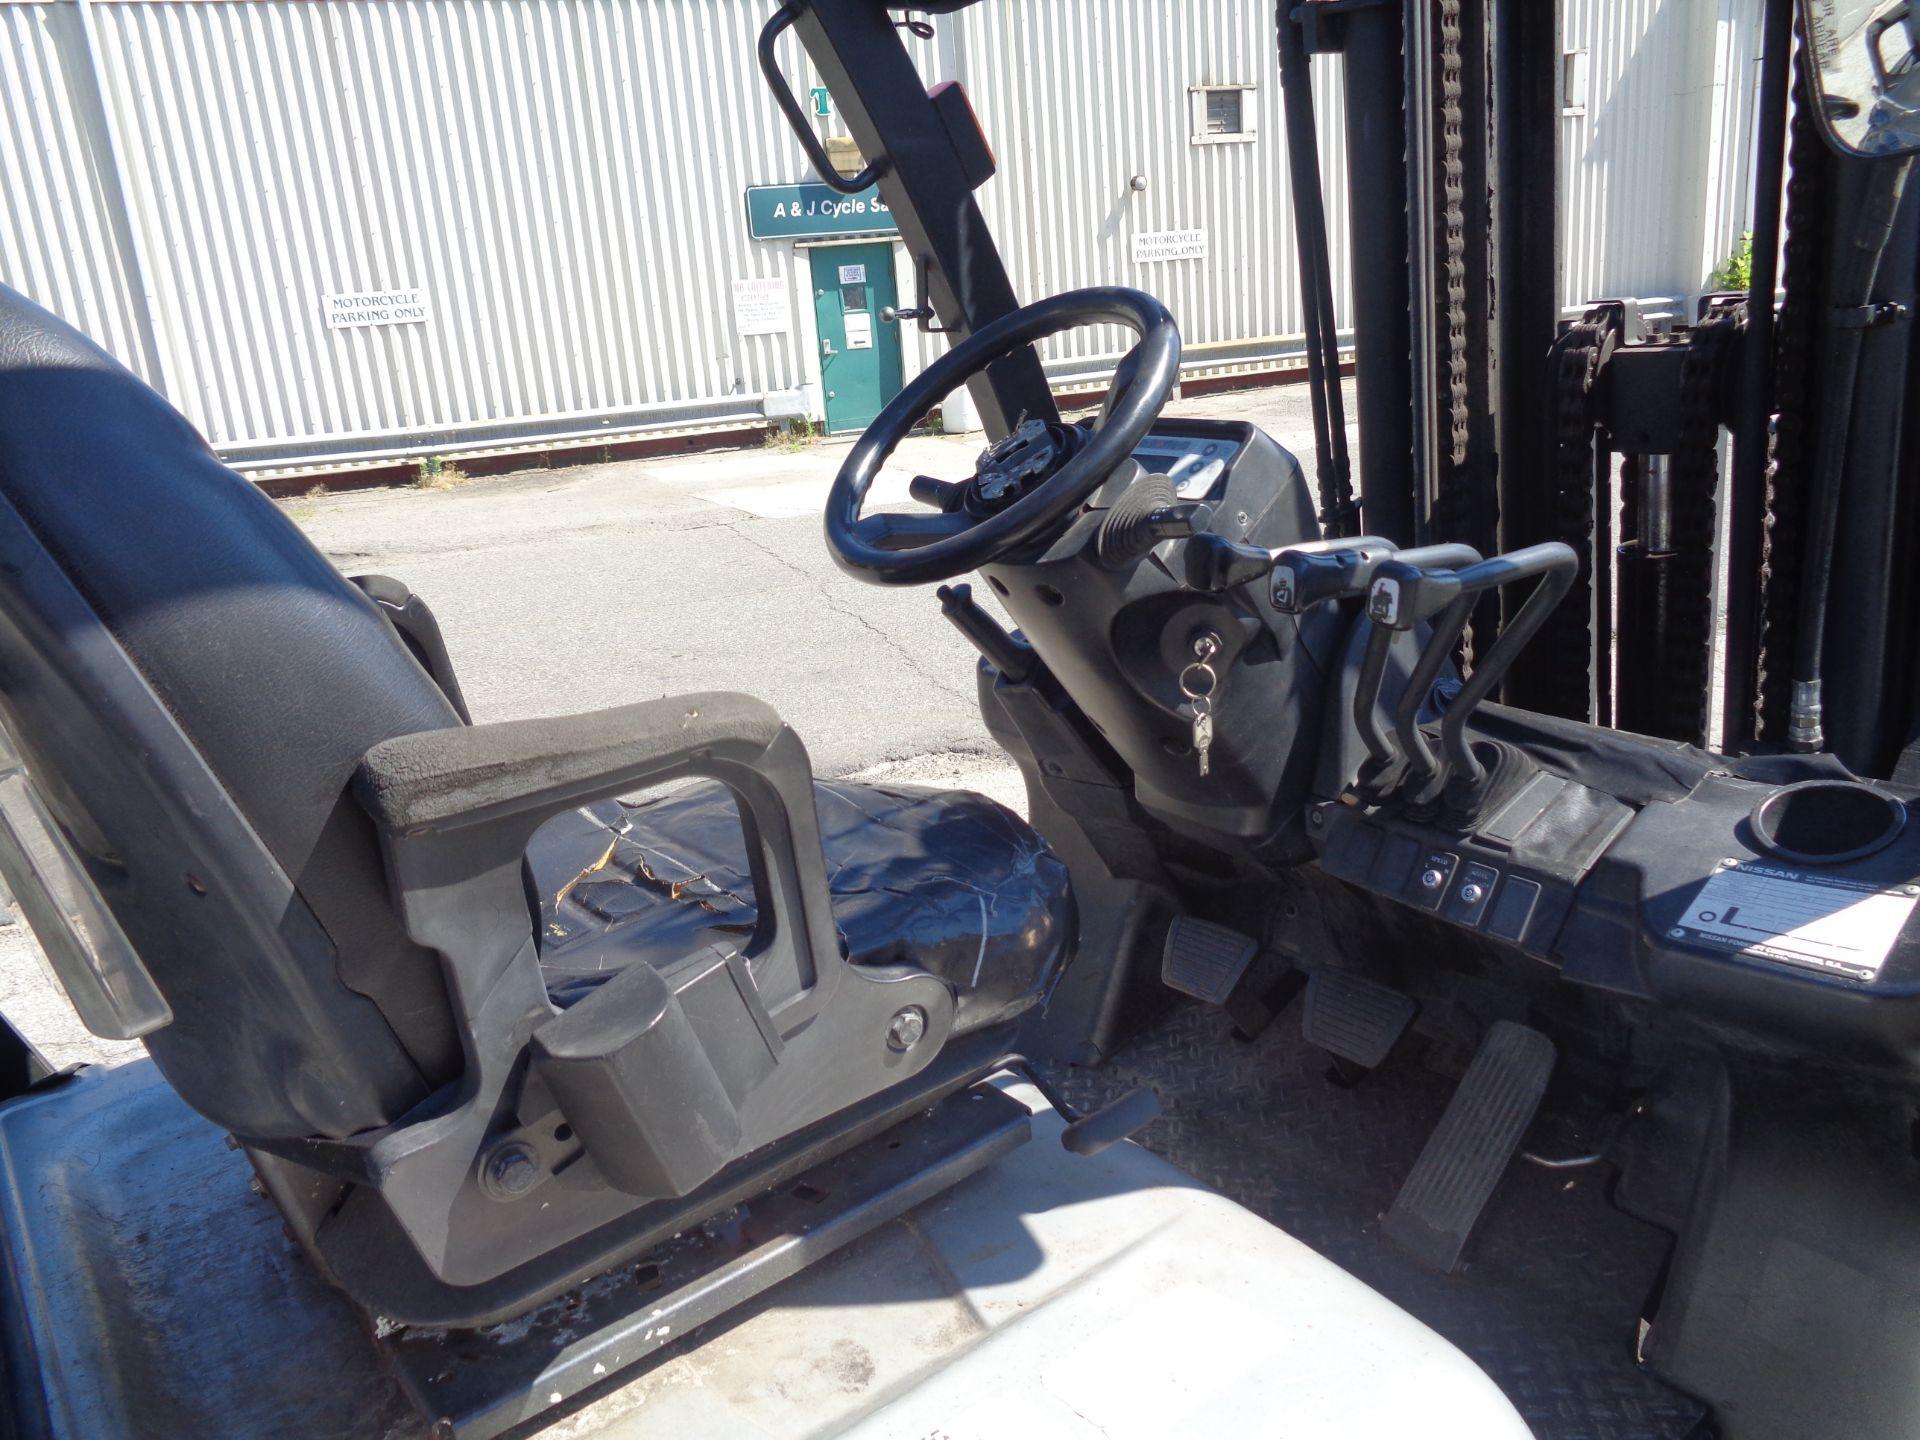 Nissan MUG1F2A30LV 6,000 lbs Forklift - Image 4 of 9